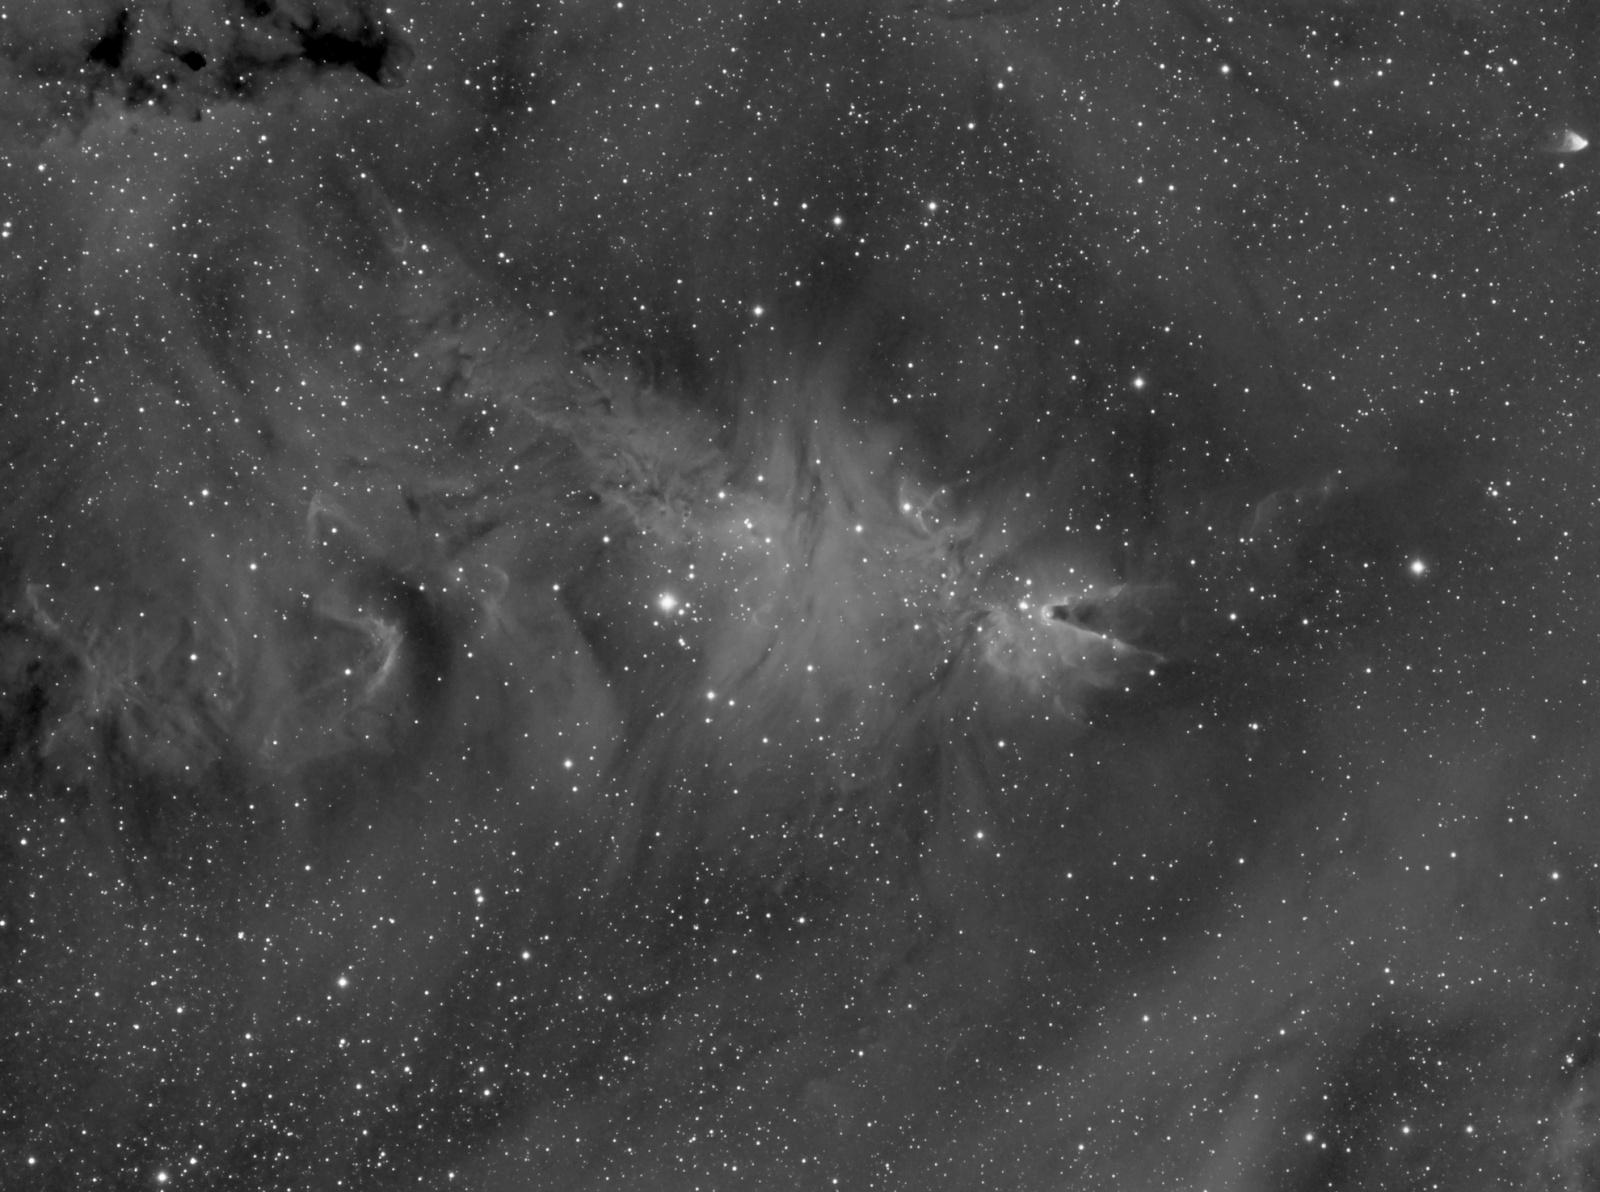 831280587_NGC2264.thumb.jpg.d4555fc35db34562611cc5e016f2cd3d.jpg